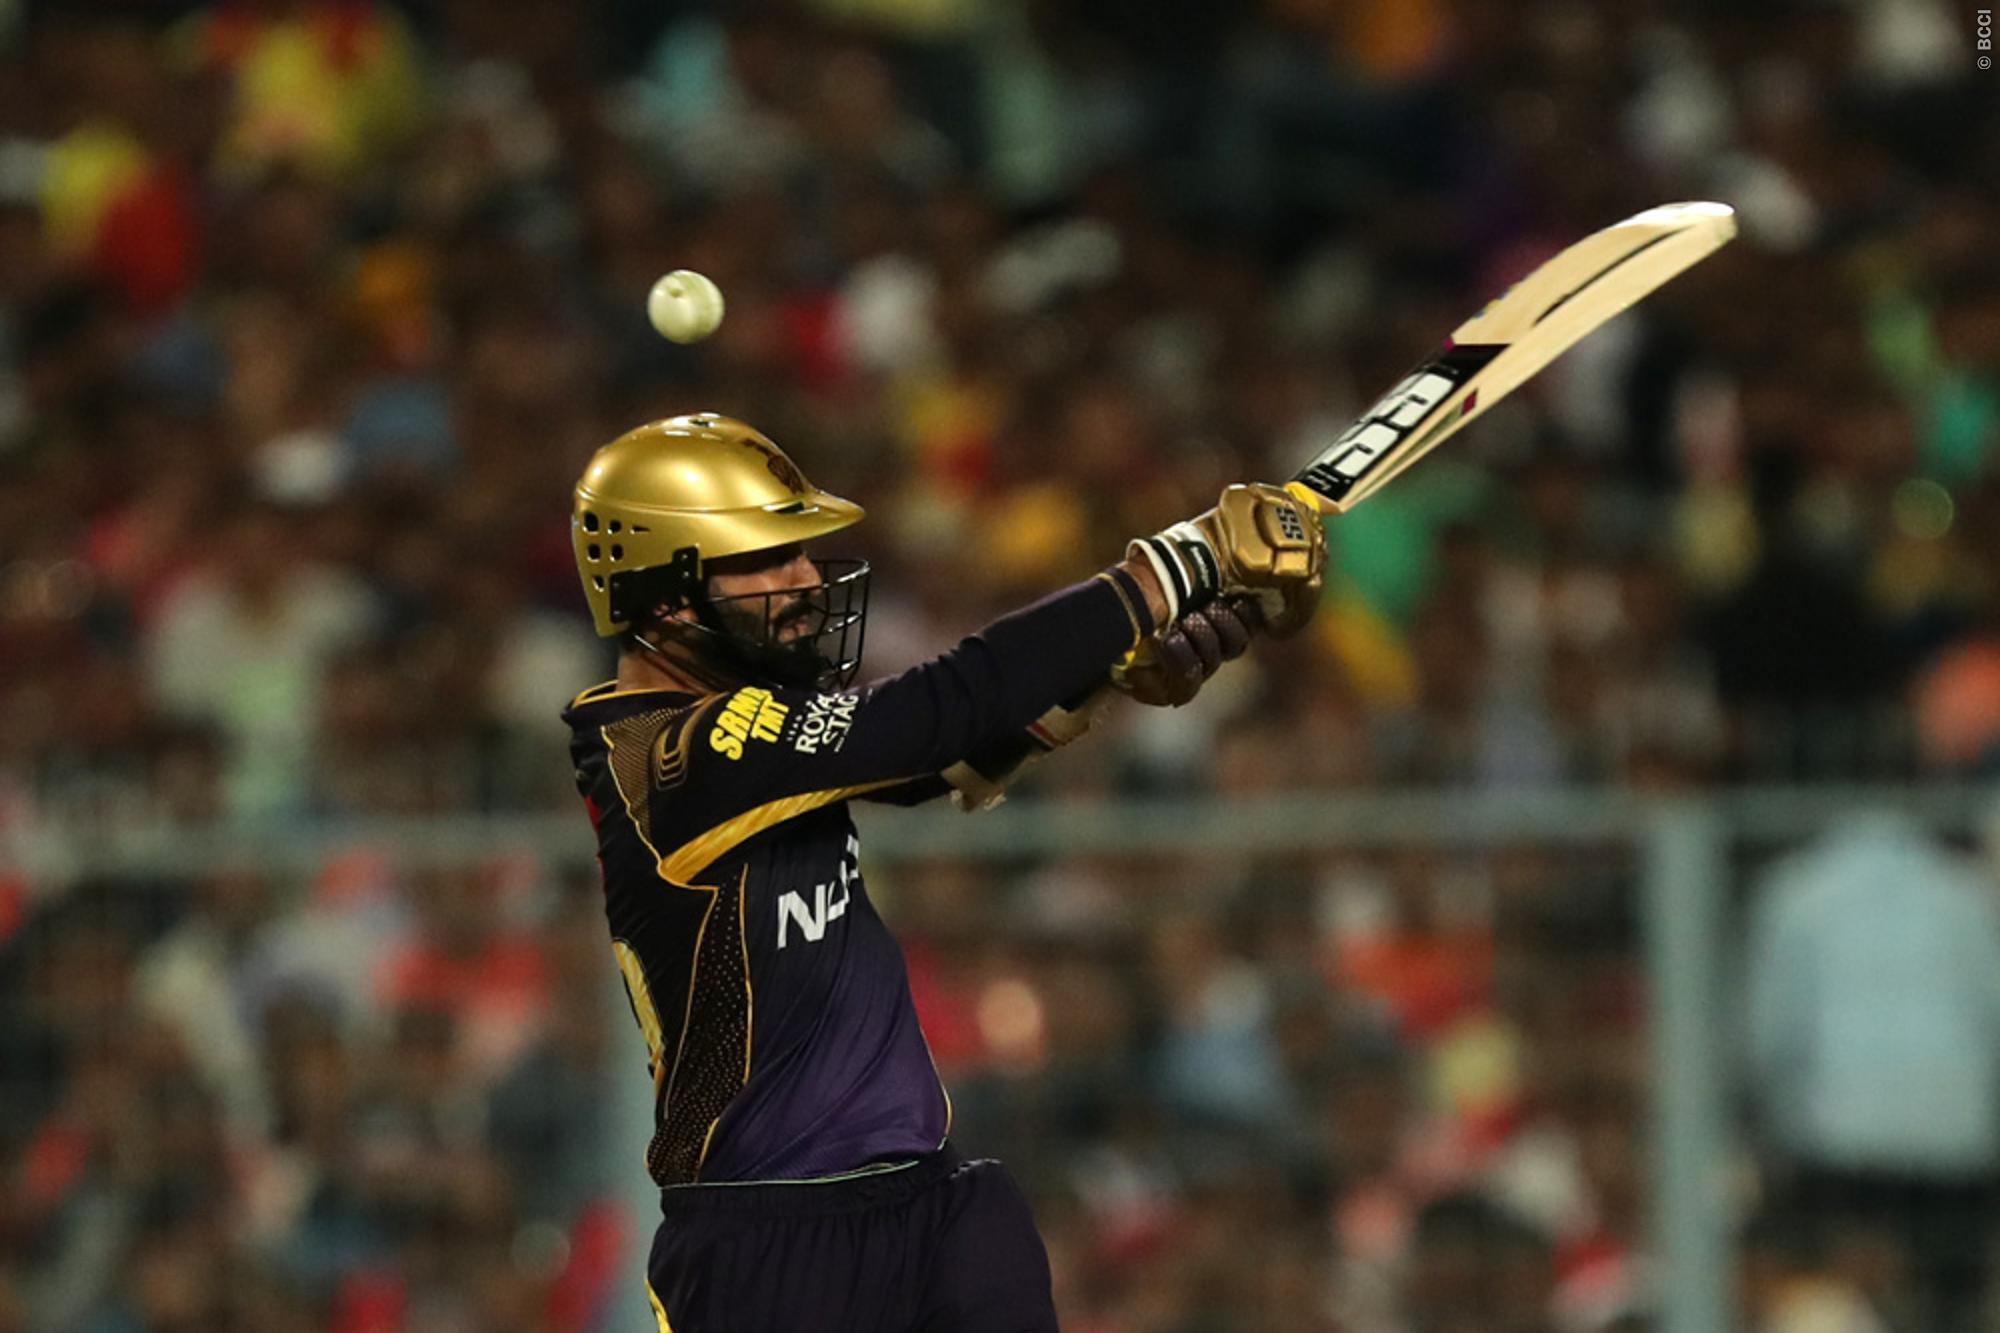 राजस्थान की हार के बाद रहाणे को लेकर गुस्साए फैन, इस खिलाड़ी को बाहर करने की उठाई मांग 3